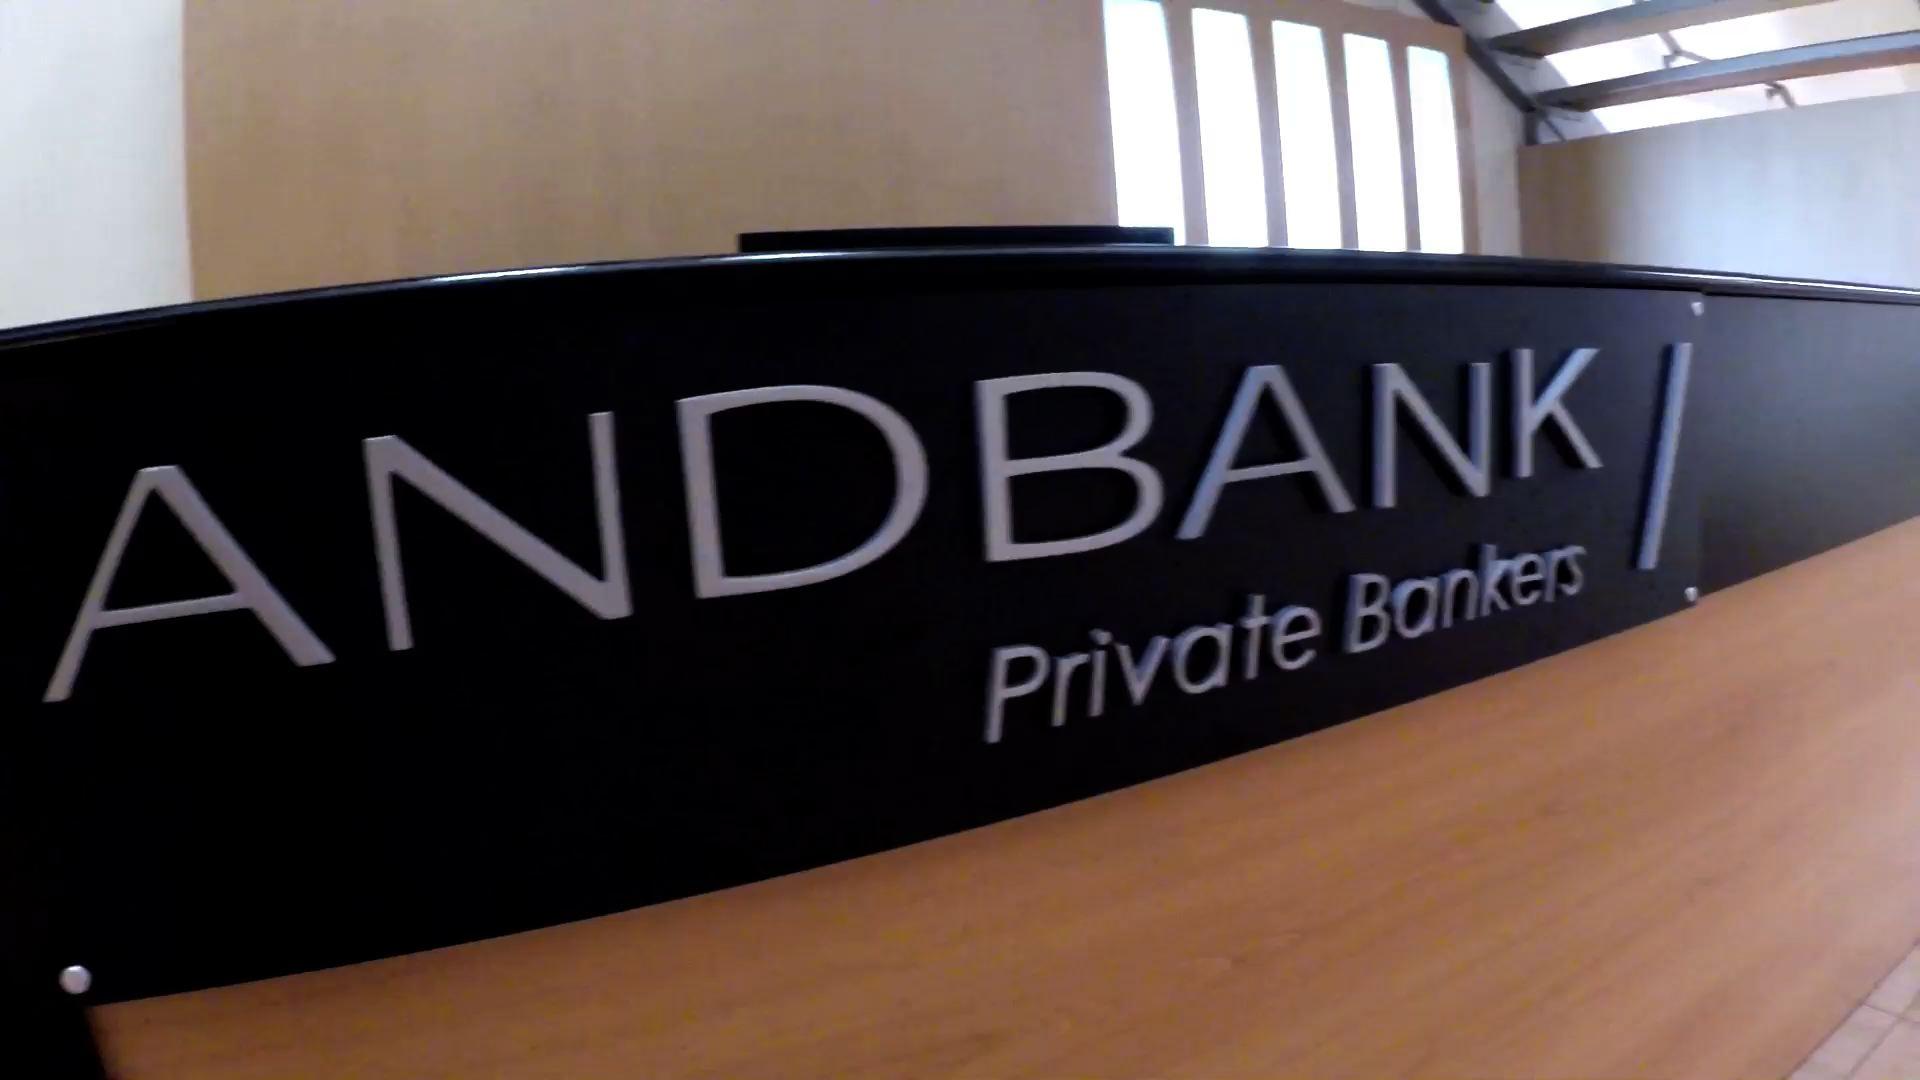 Andbank presenta las perspectivas económicas y la estrategia de inversión para el 2015